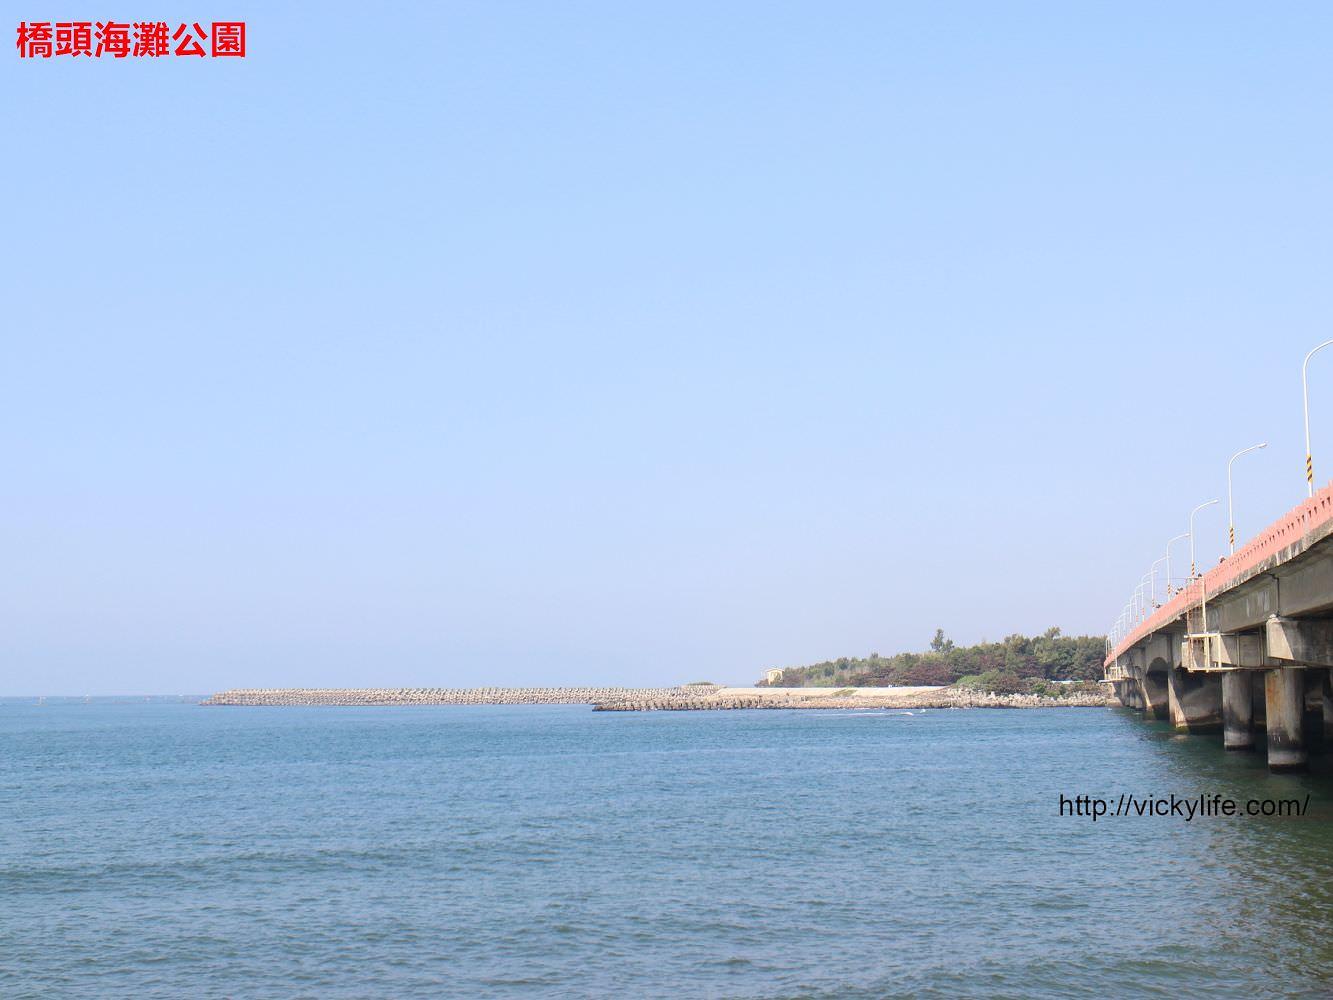 台南親子景點︱橋頭海灘公園:這是IG熱門景點?還是紓壓場景?